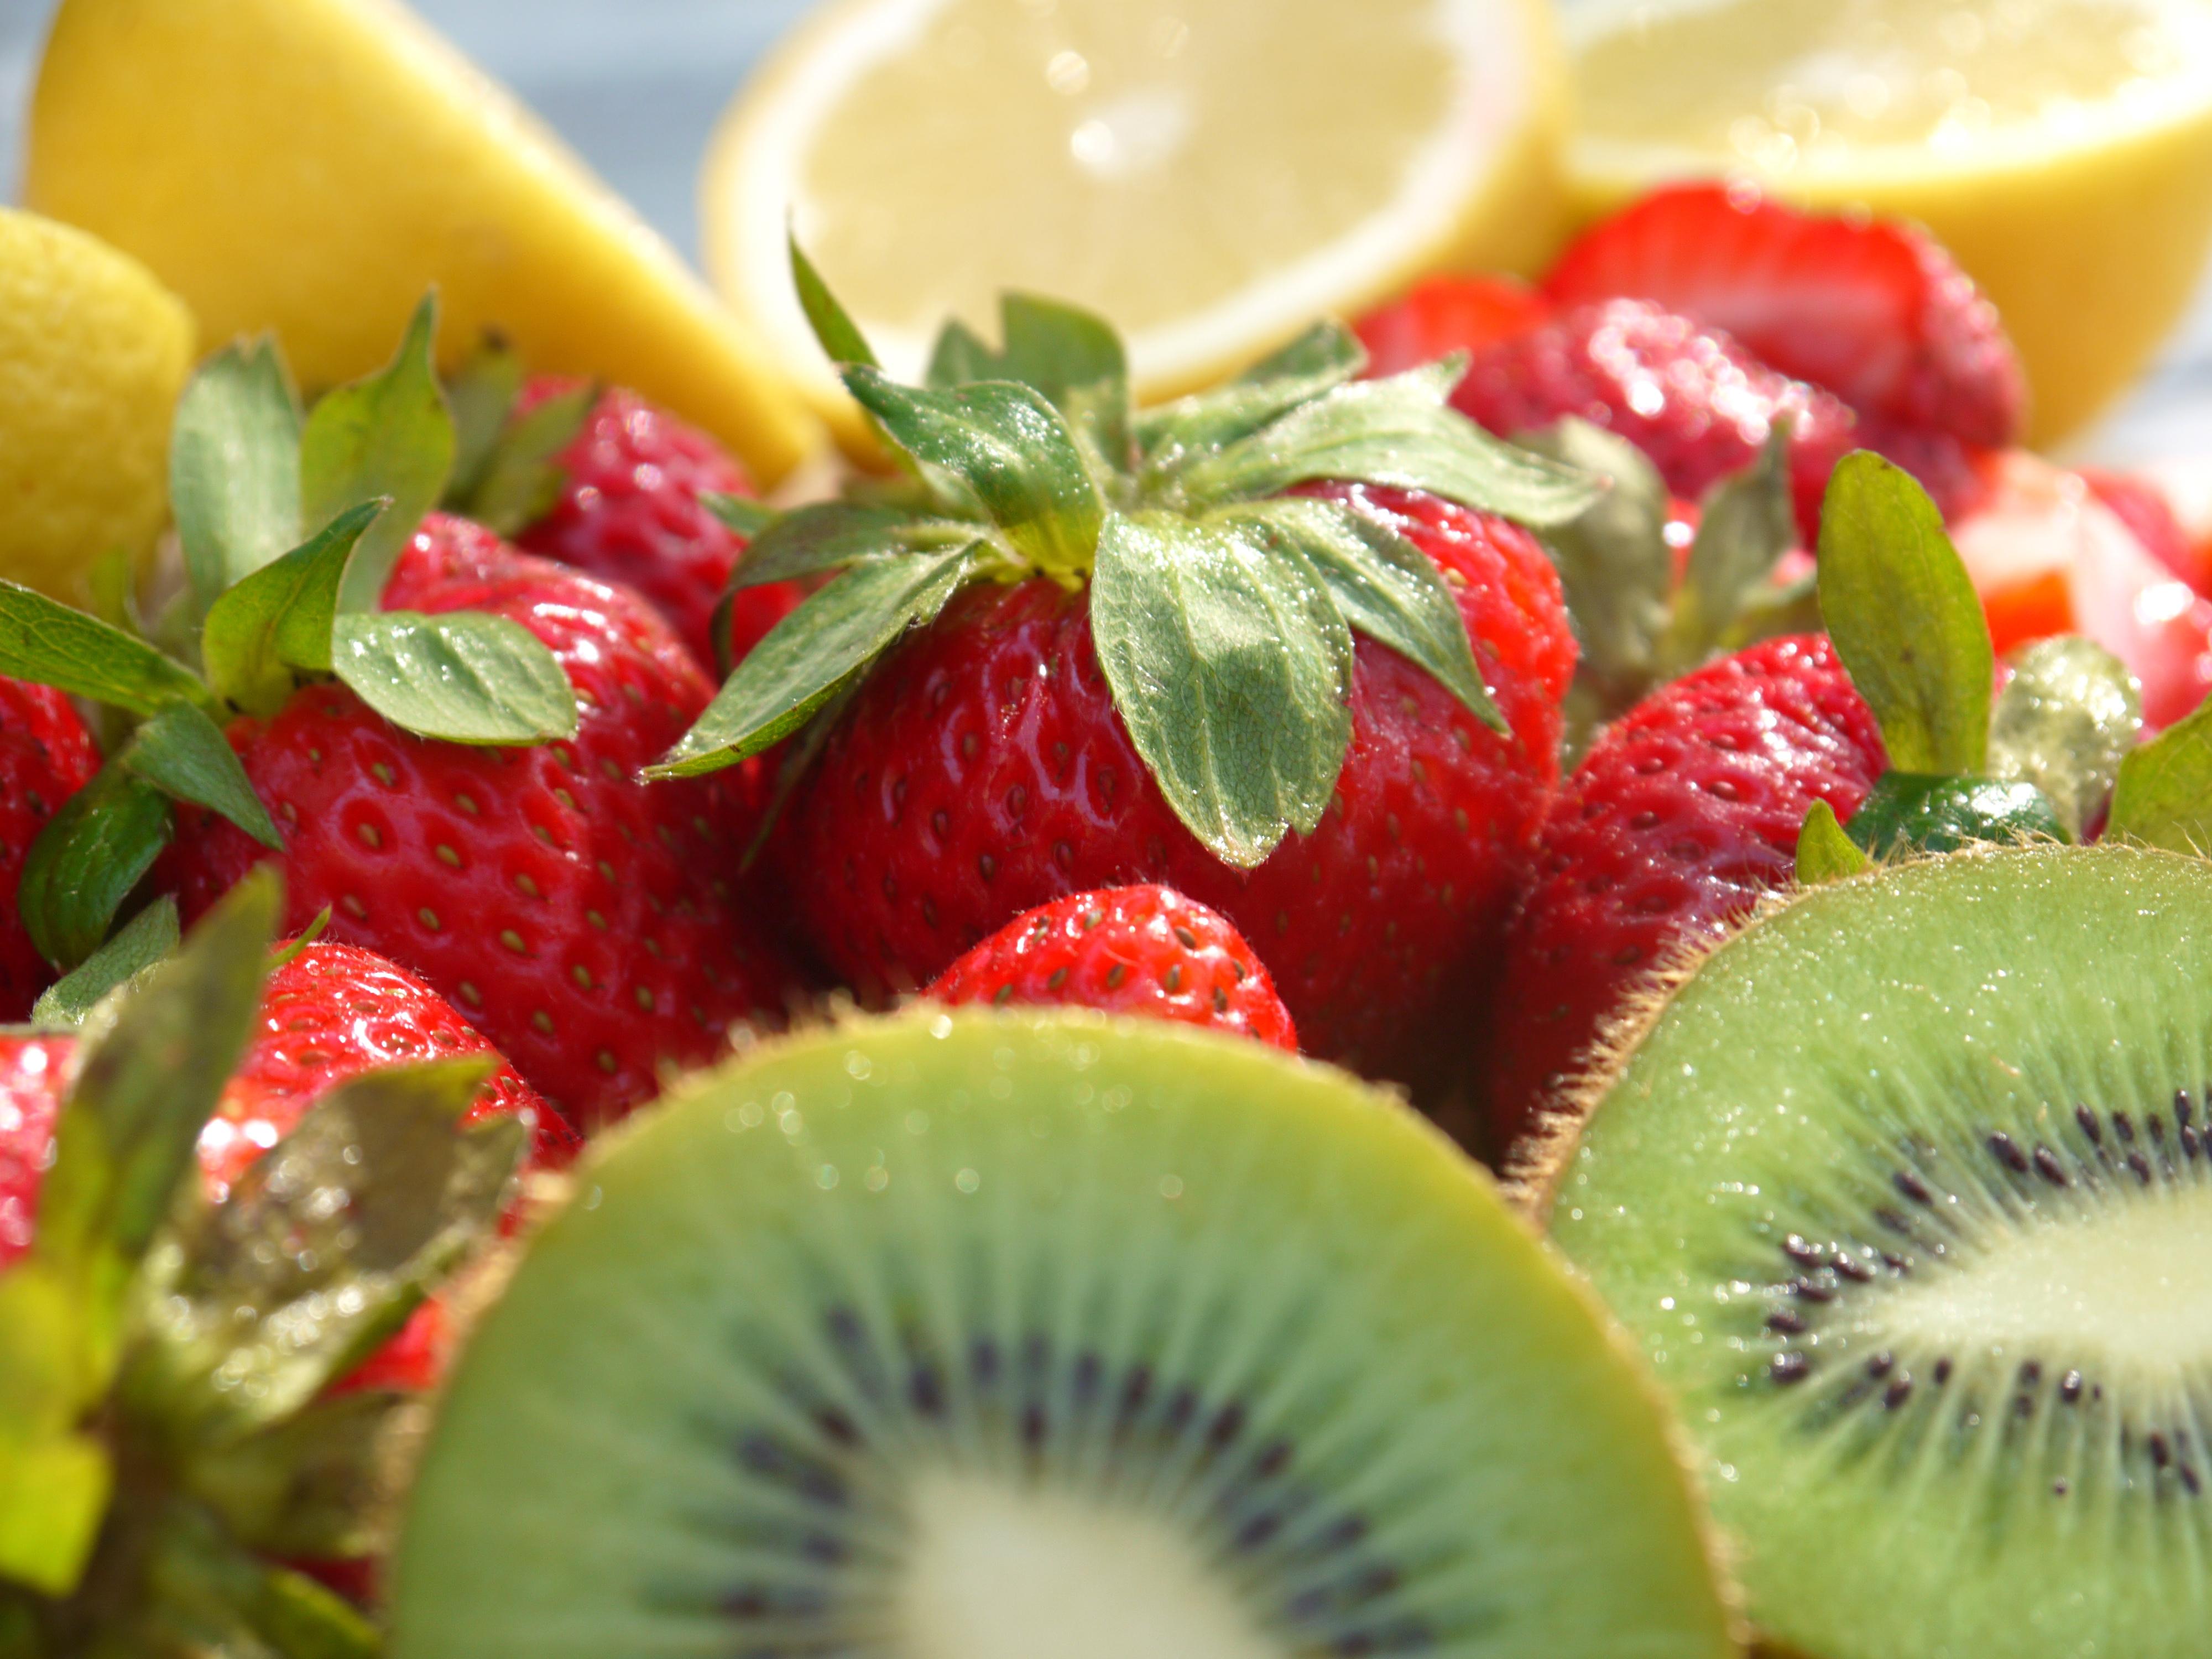 Limonada de kiwis y frambuesas